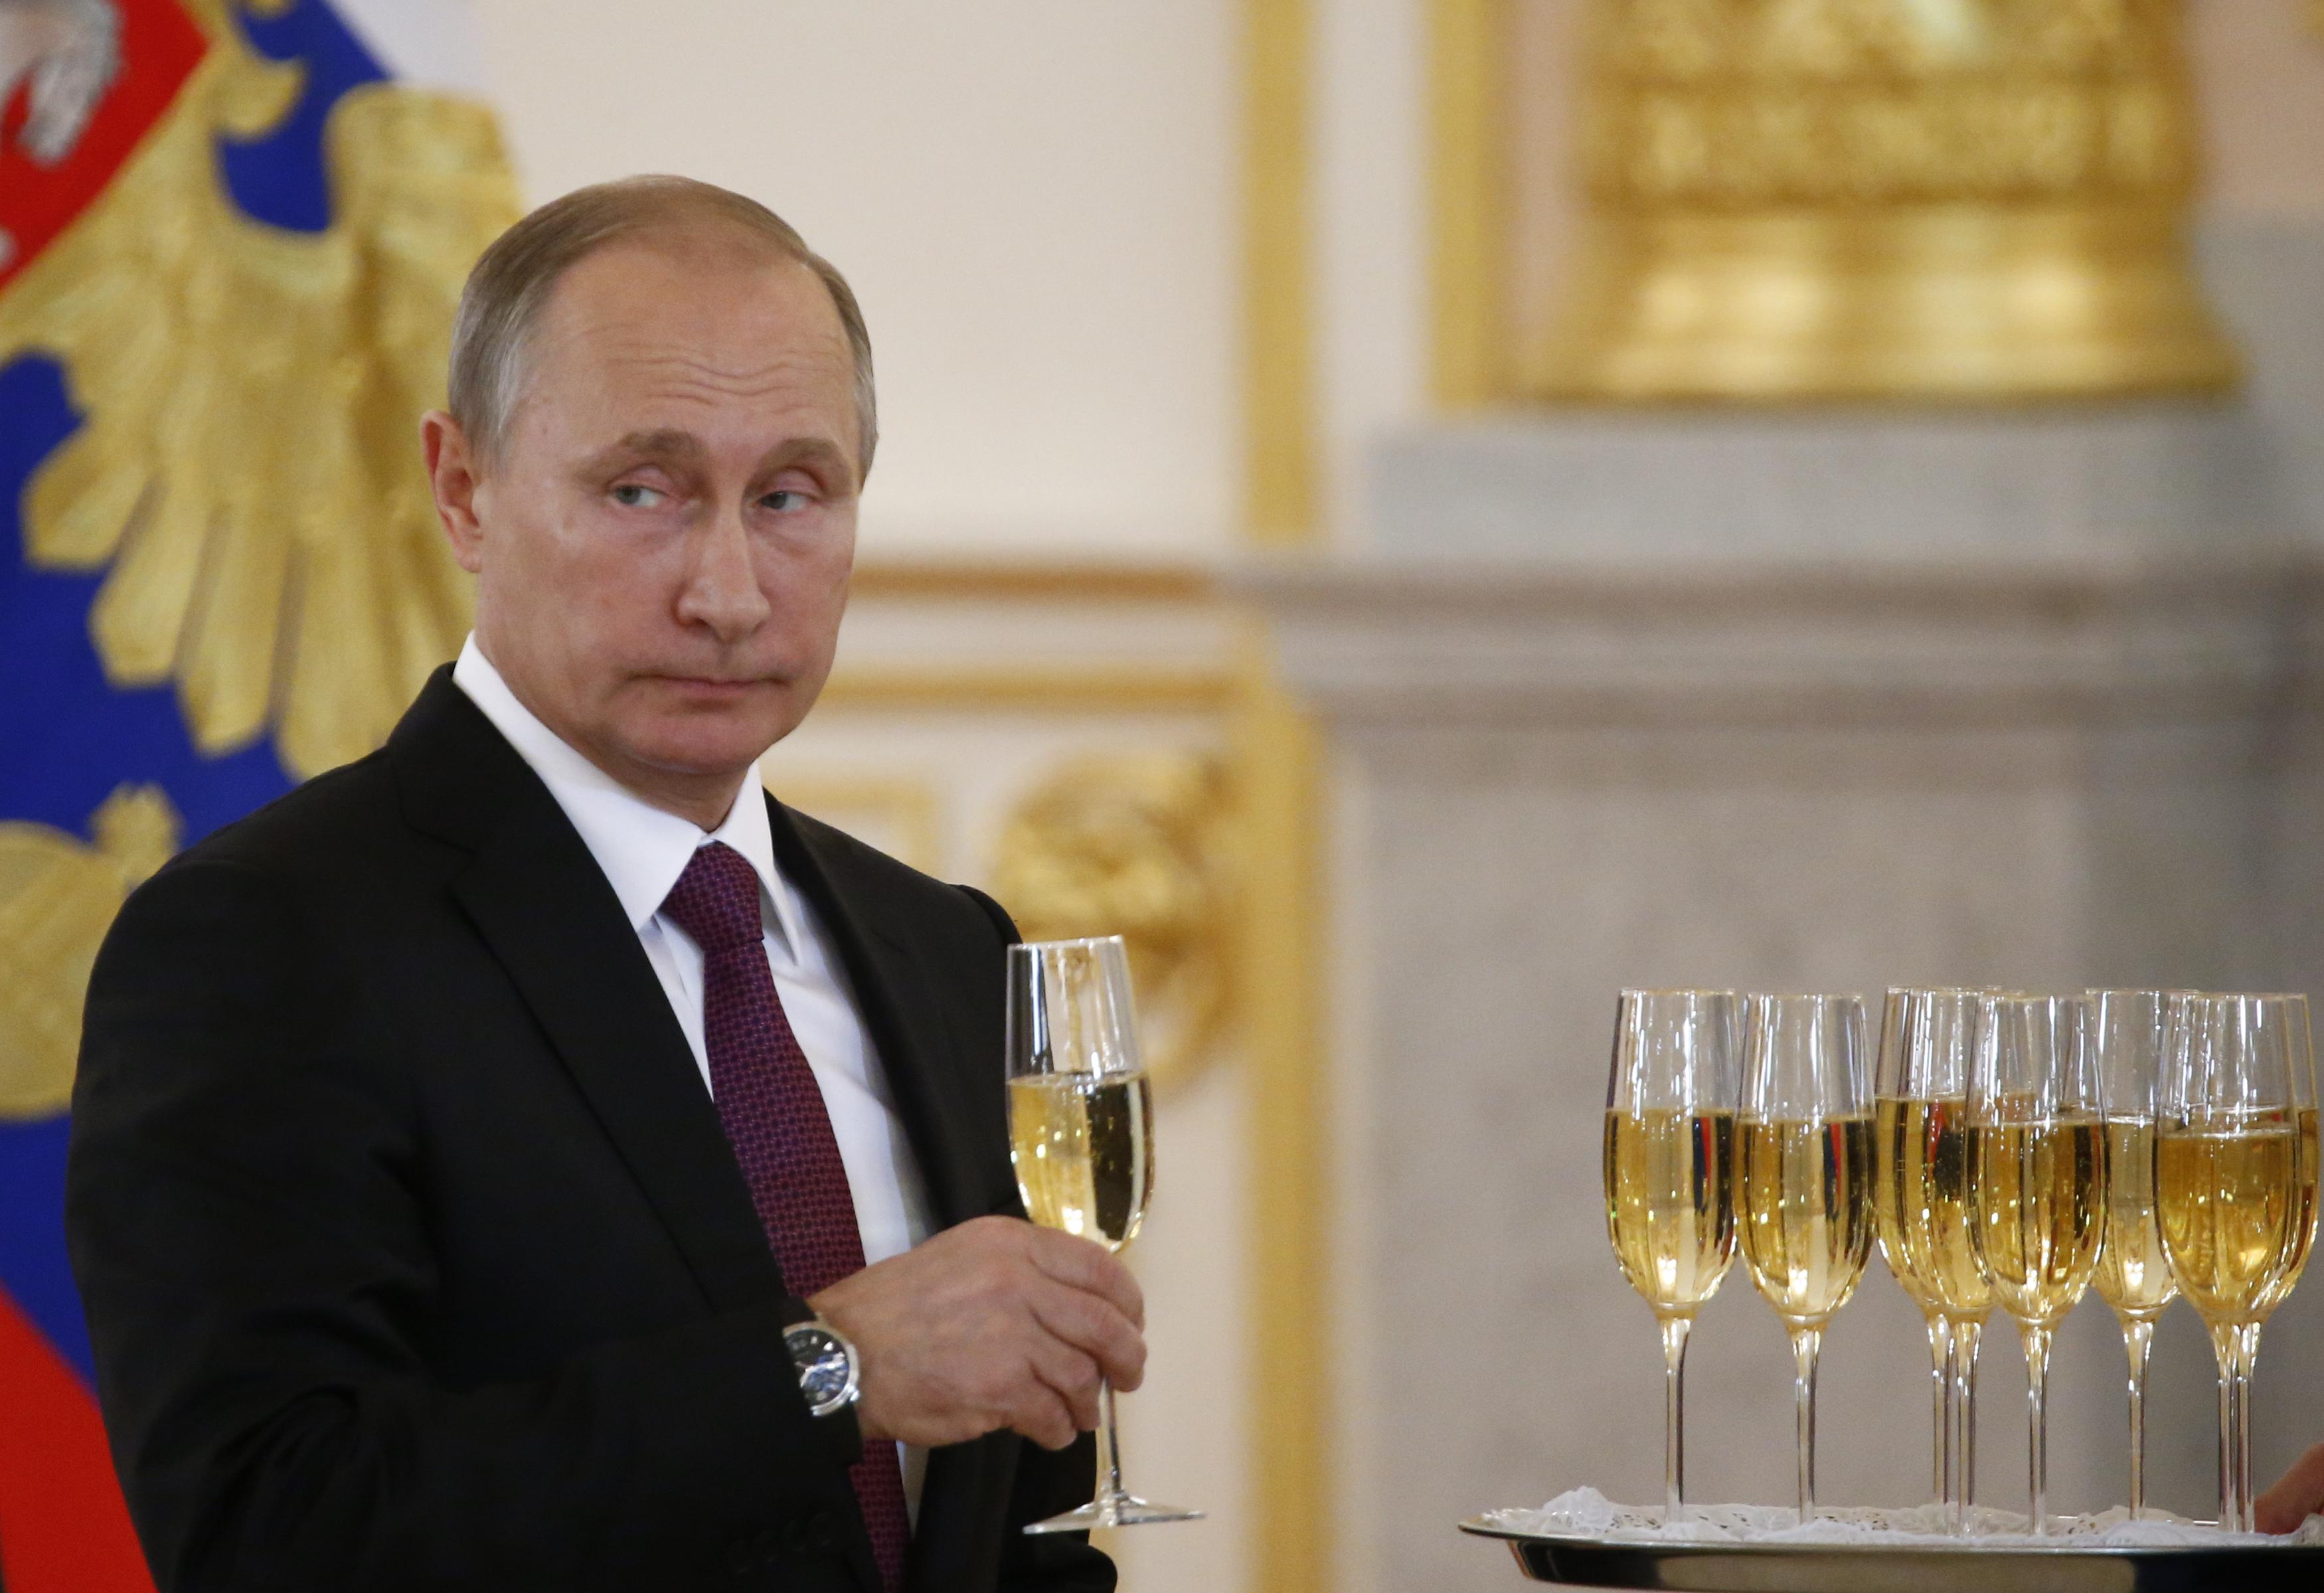 Az Osztrák Szabadságpárt még szorosabbra fűzte az együttműködést Putyin pártjával